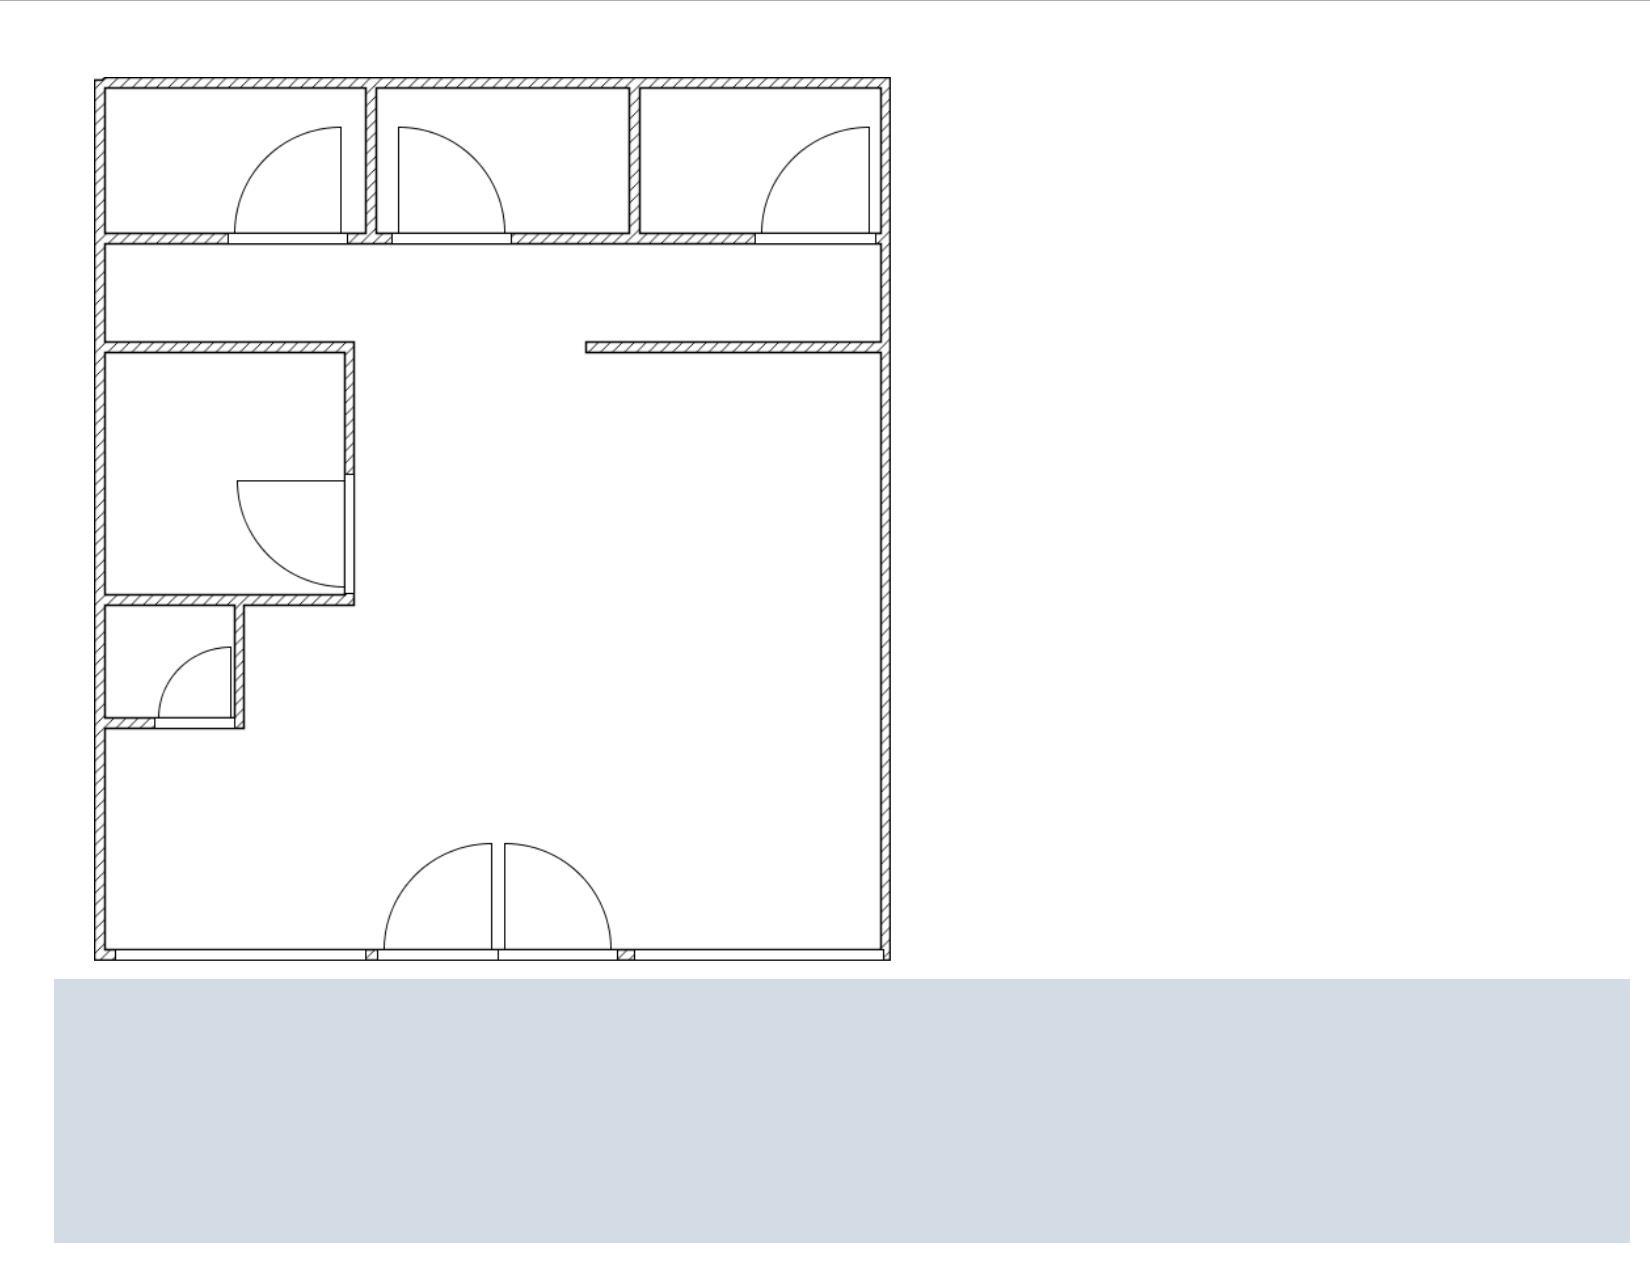 7597, boul. Guillaume-Couture, Lévis - Immeubles Simard